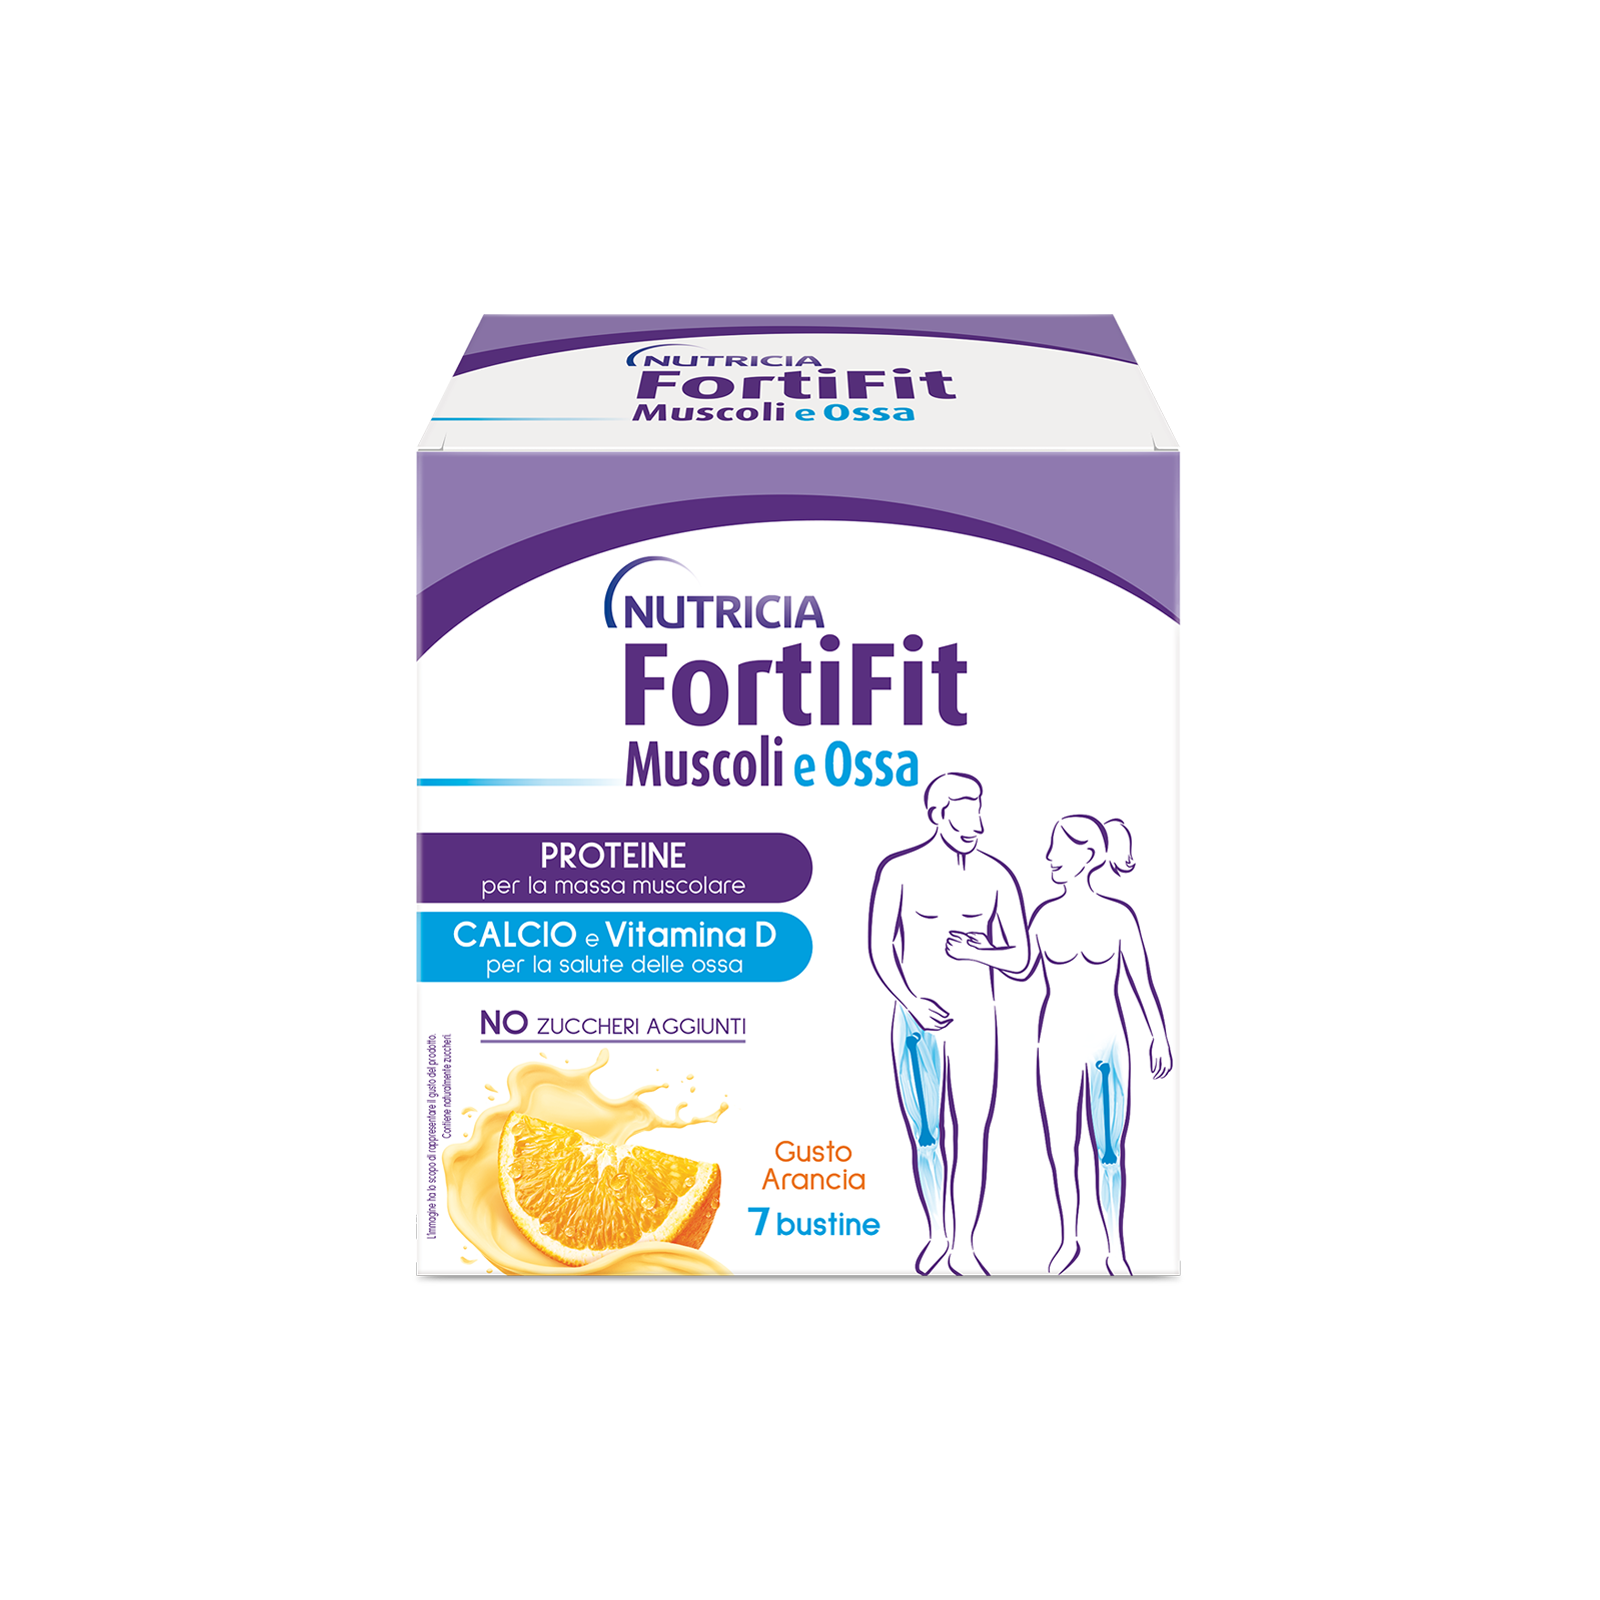 Integratori alimentari - FortiFit Muscoli e Ossa Arancia 4 ASTUCCI  , FORTIFIT